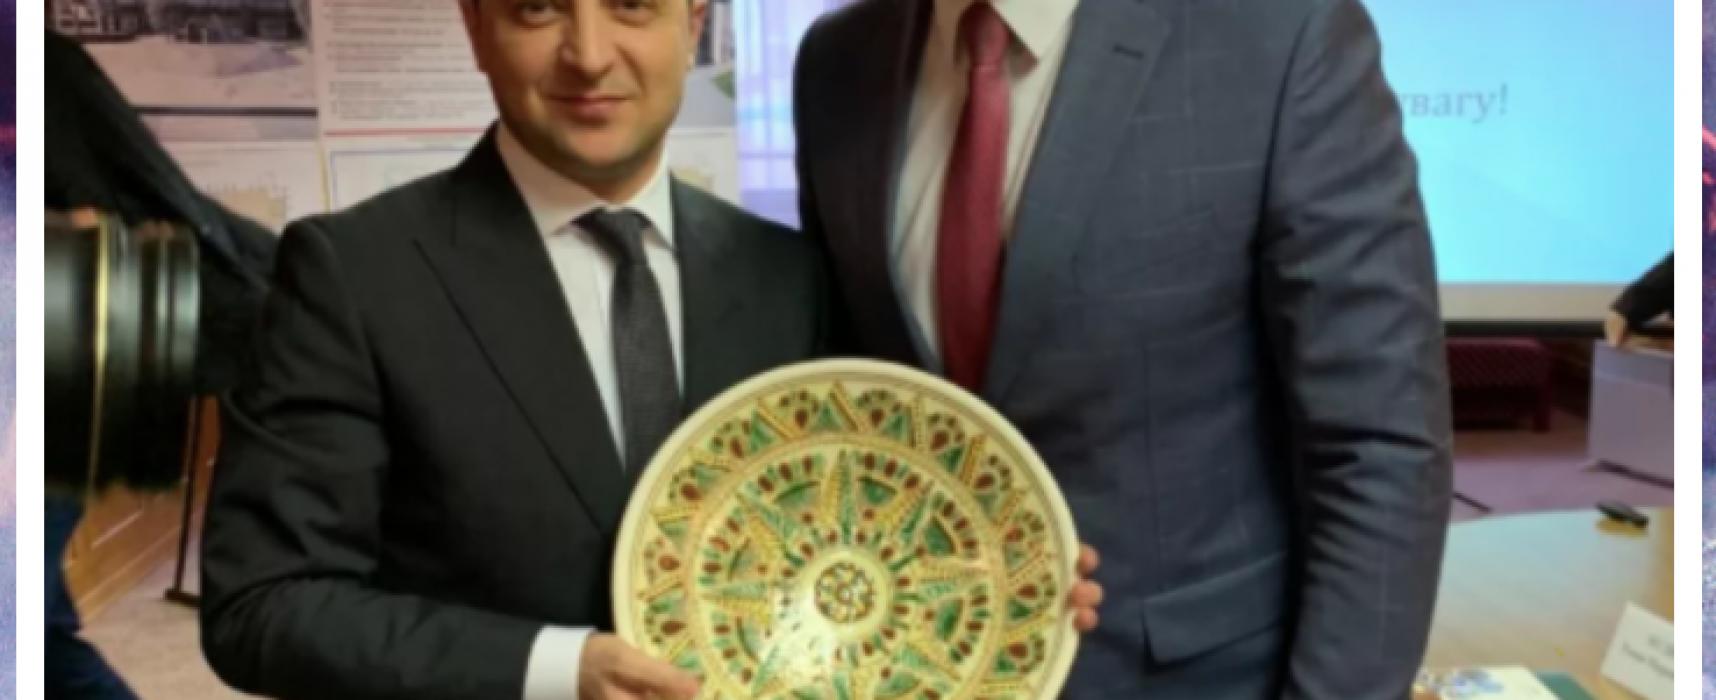 Фейк: Україна віддає західним кредиторам майже половину бюджету